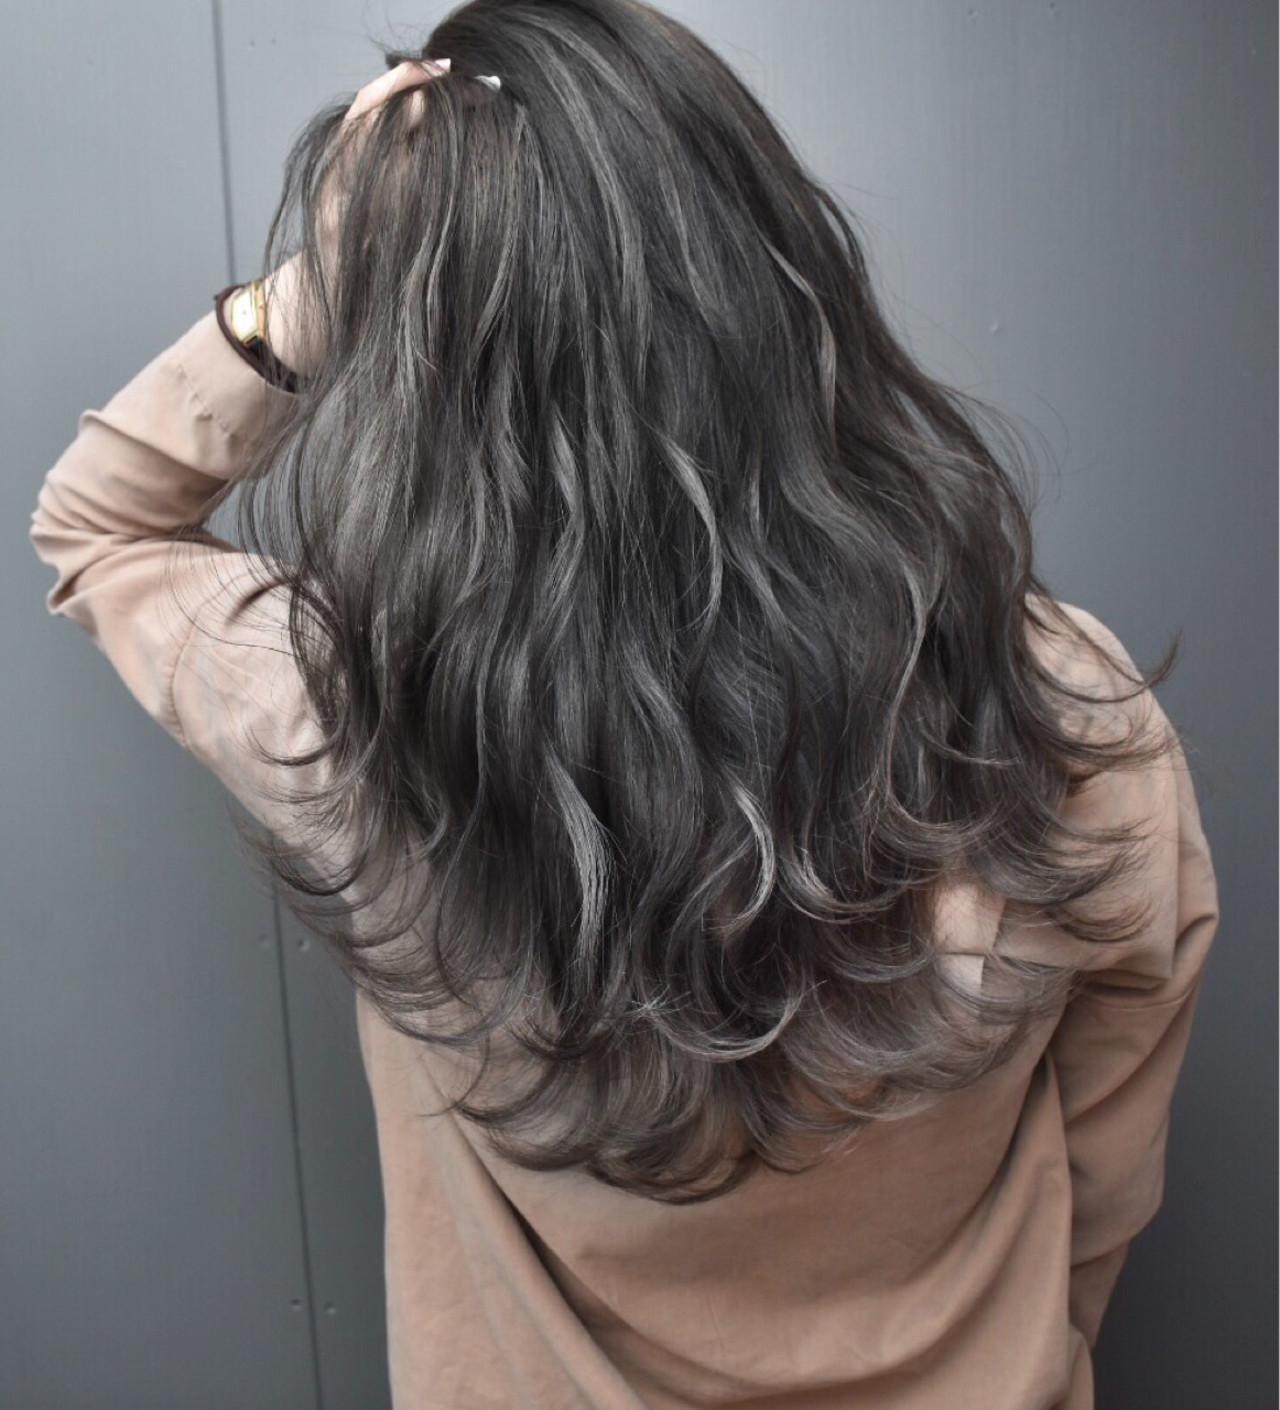 アッシュベージュ 外国人風カラー 外国人風 ロング ヘアスタイルや髪型の写真・画像